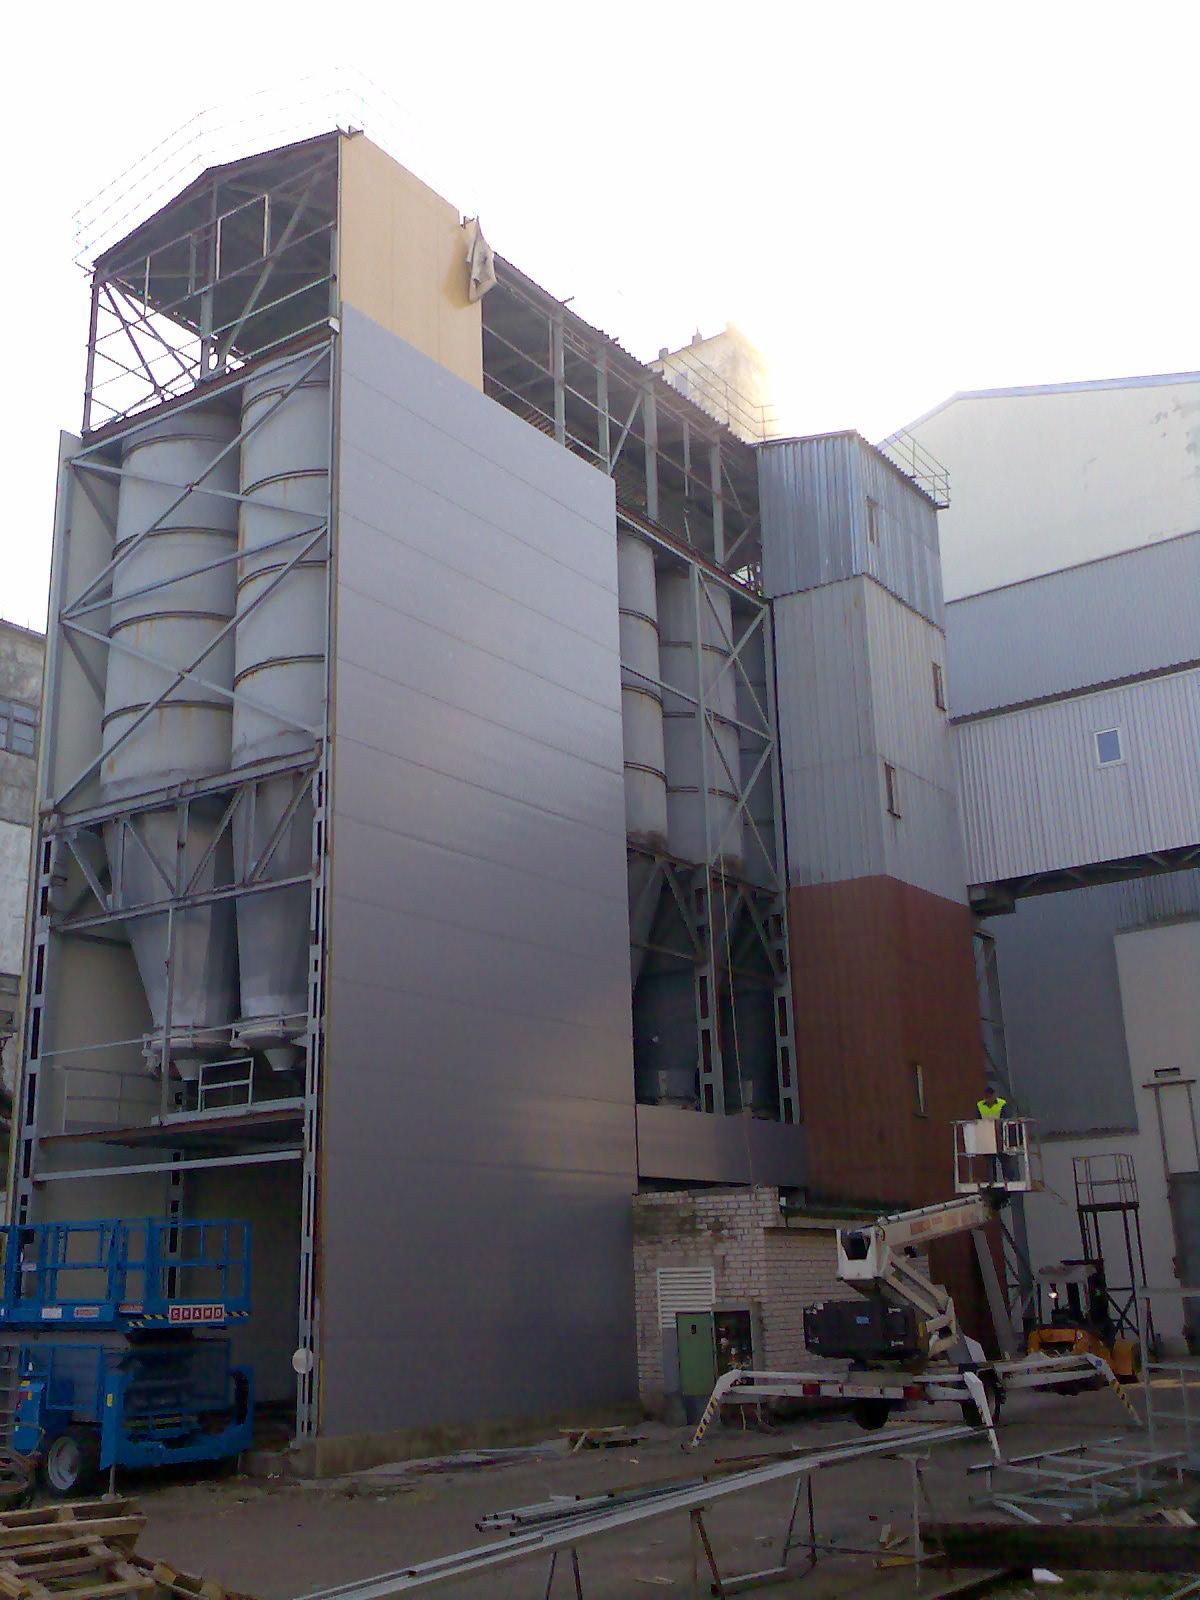 Flour mixing line reconstruction Rigas dzirnavnieks